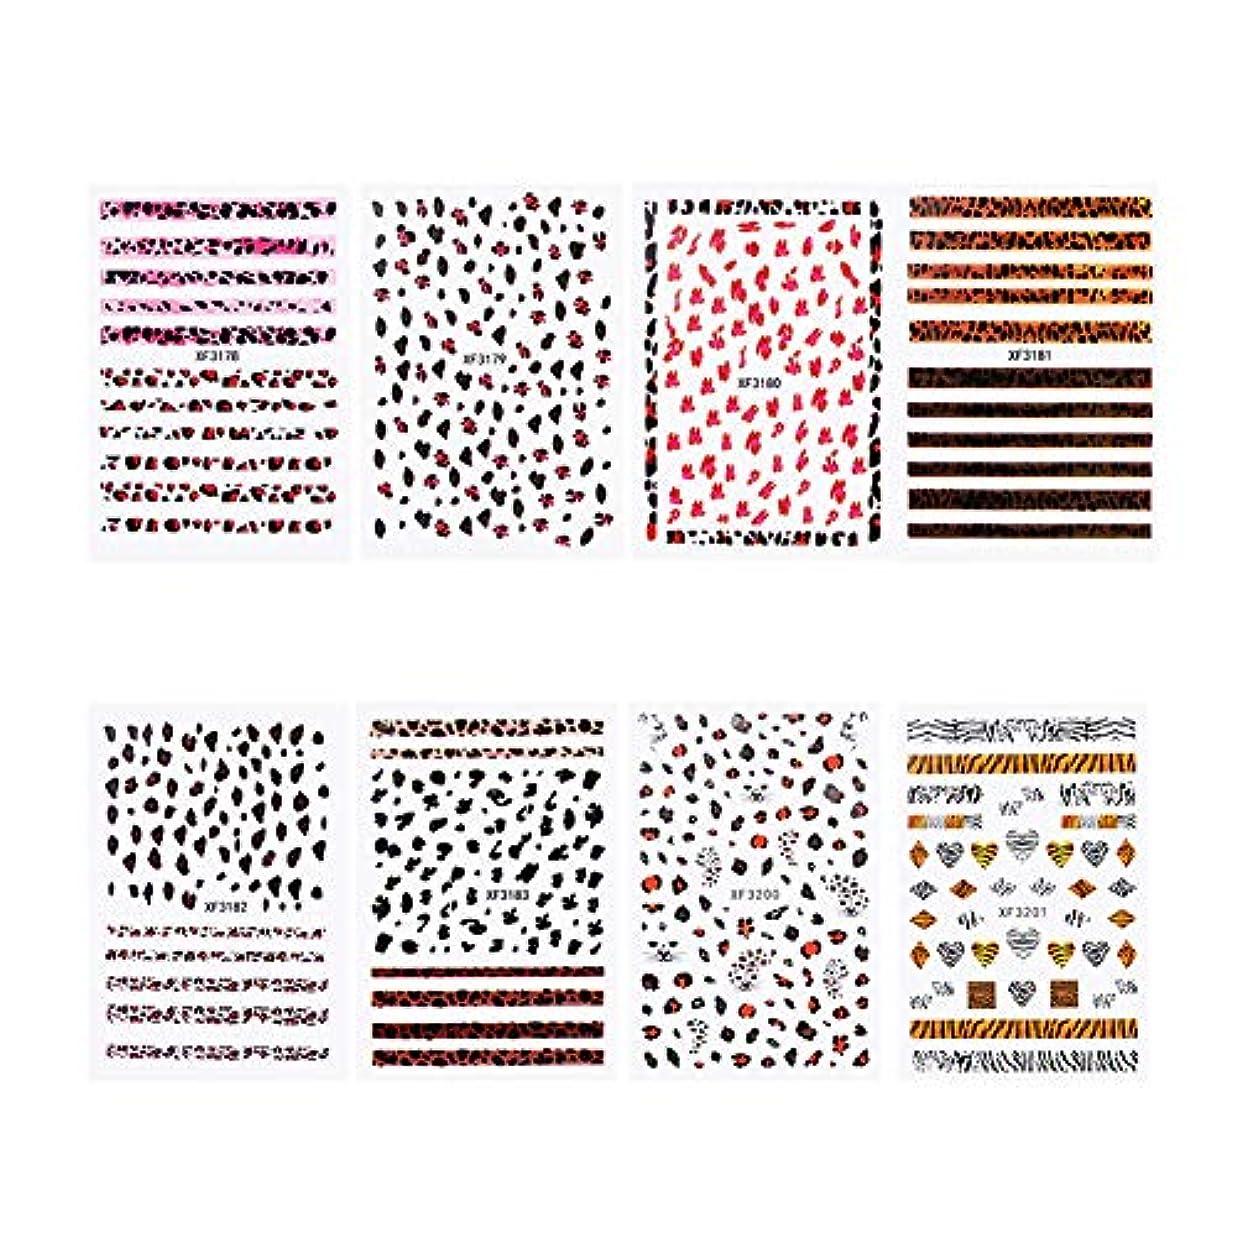 見落とす事務所反対するLeopardのネイルステッカーネイルステッカー8人の女性や少女ネイルネイルDIY装飾アクセサリーステッカー